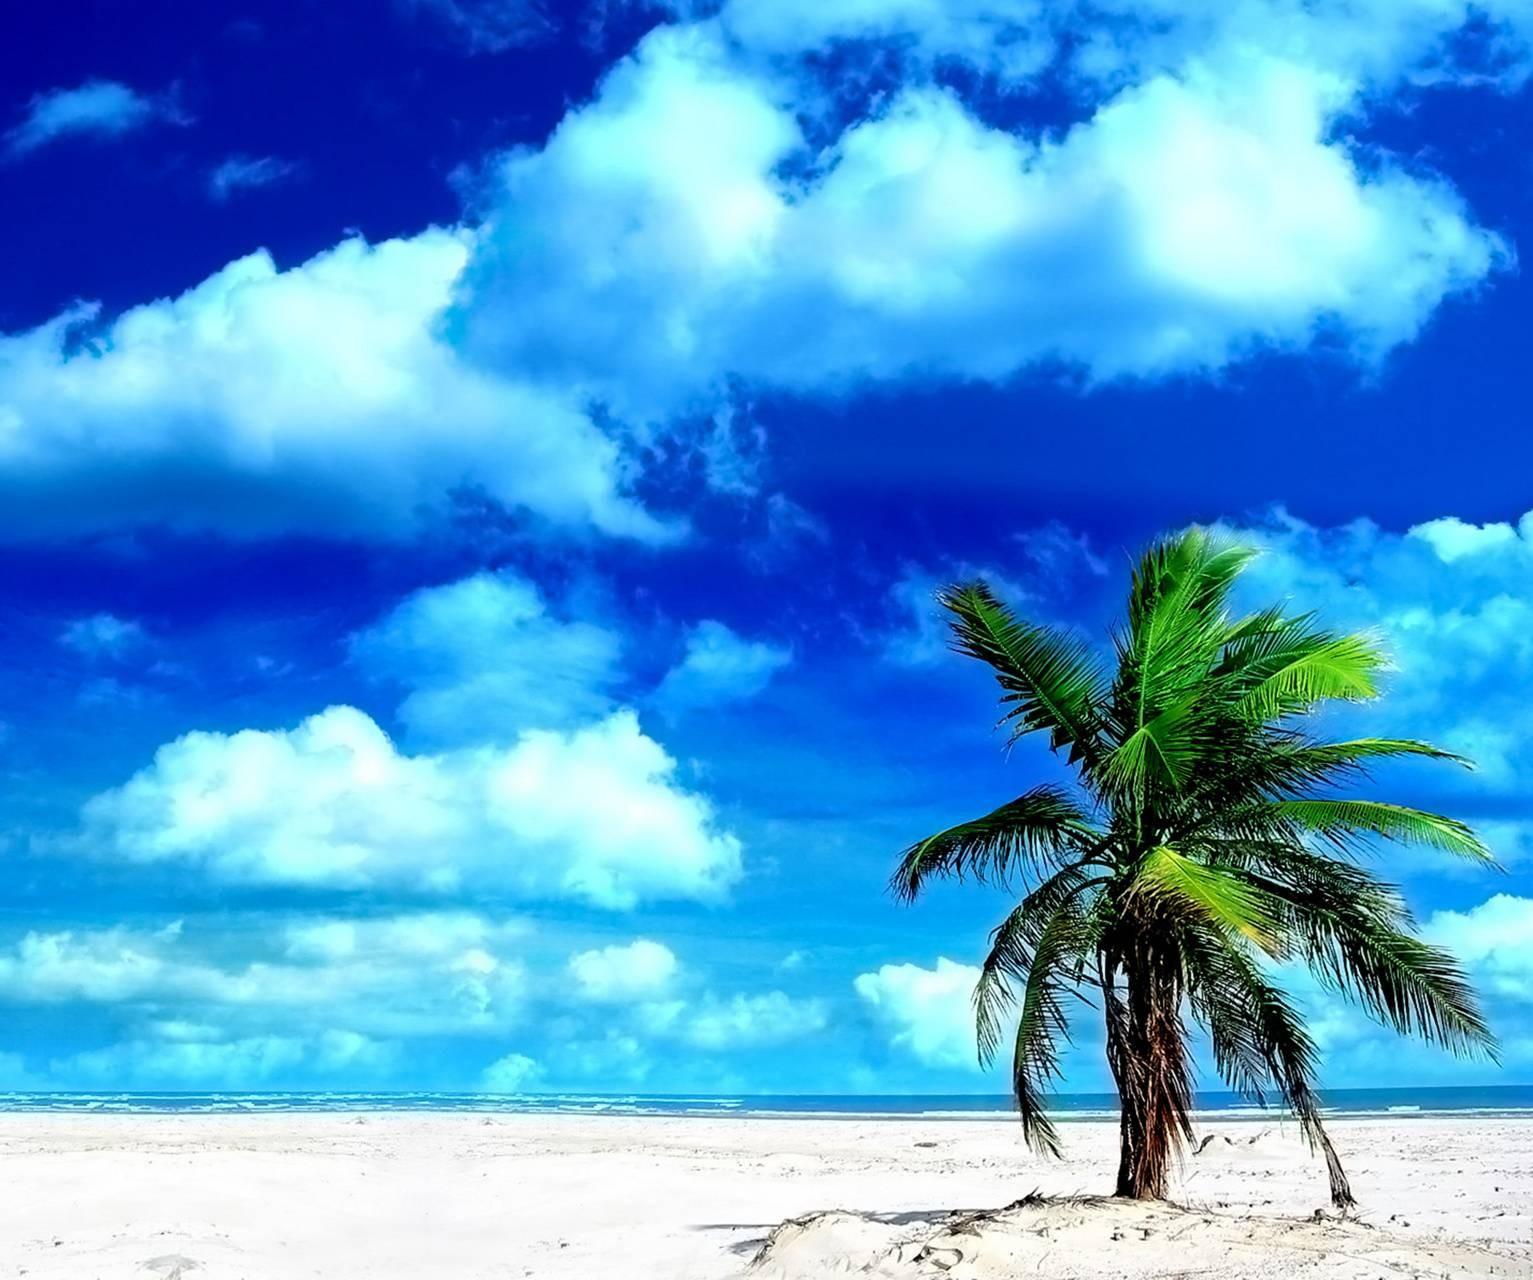 عکس زمینه ساحل و ابر های تابستانی HD پس زمینه